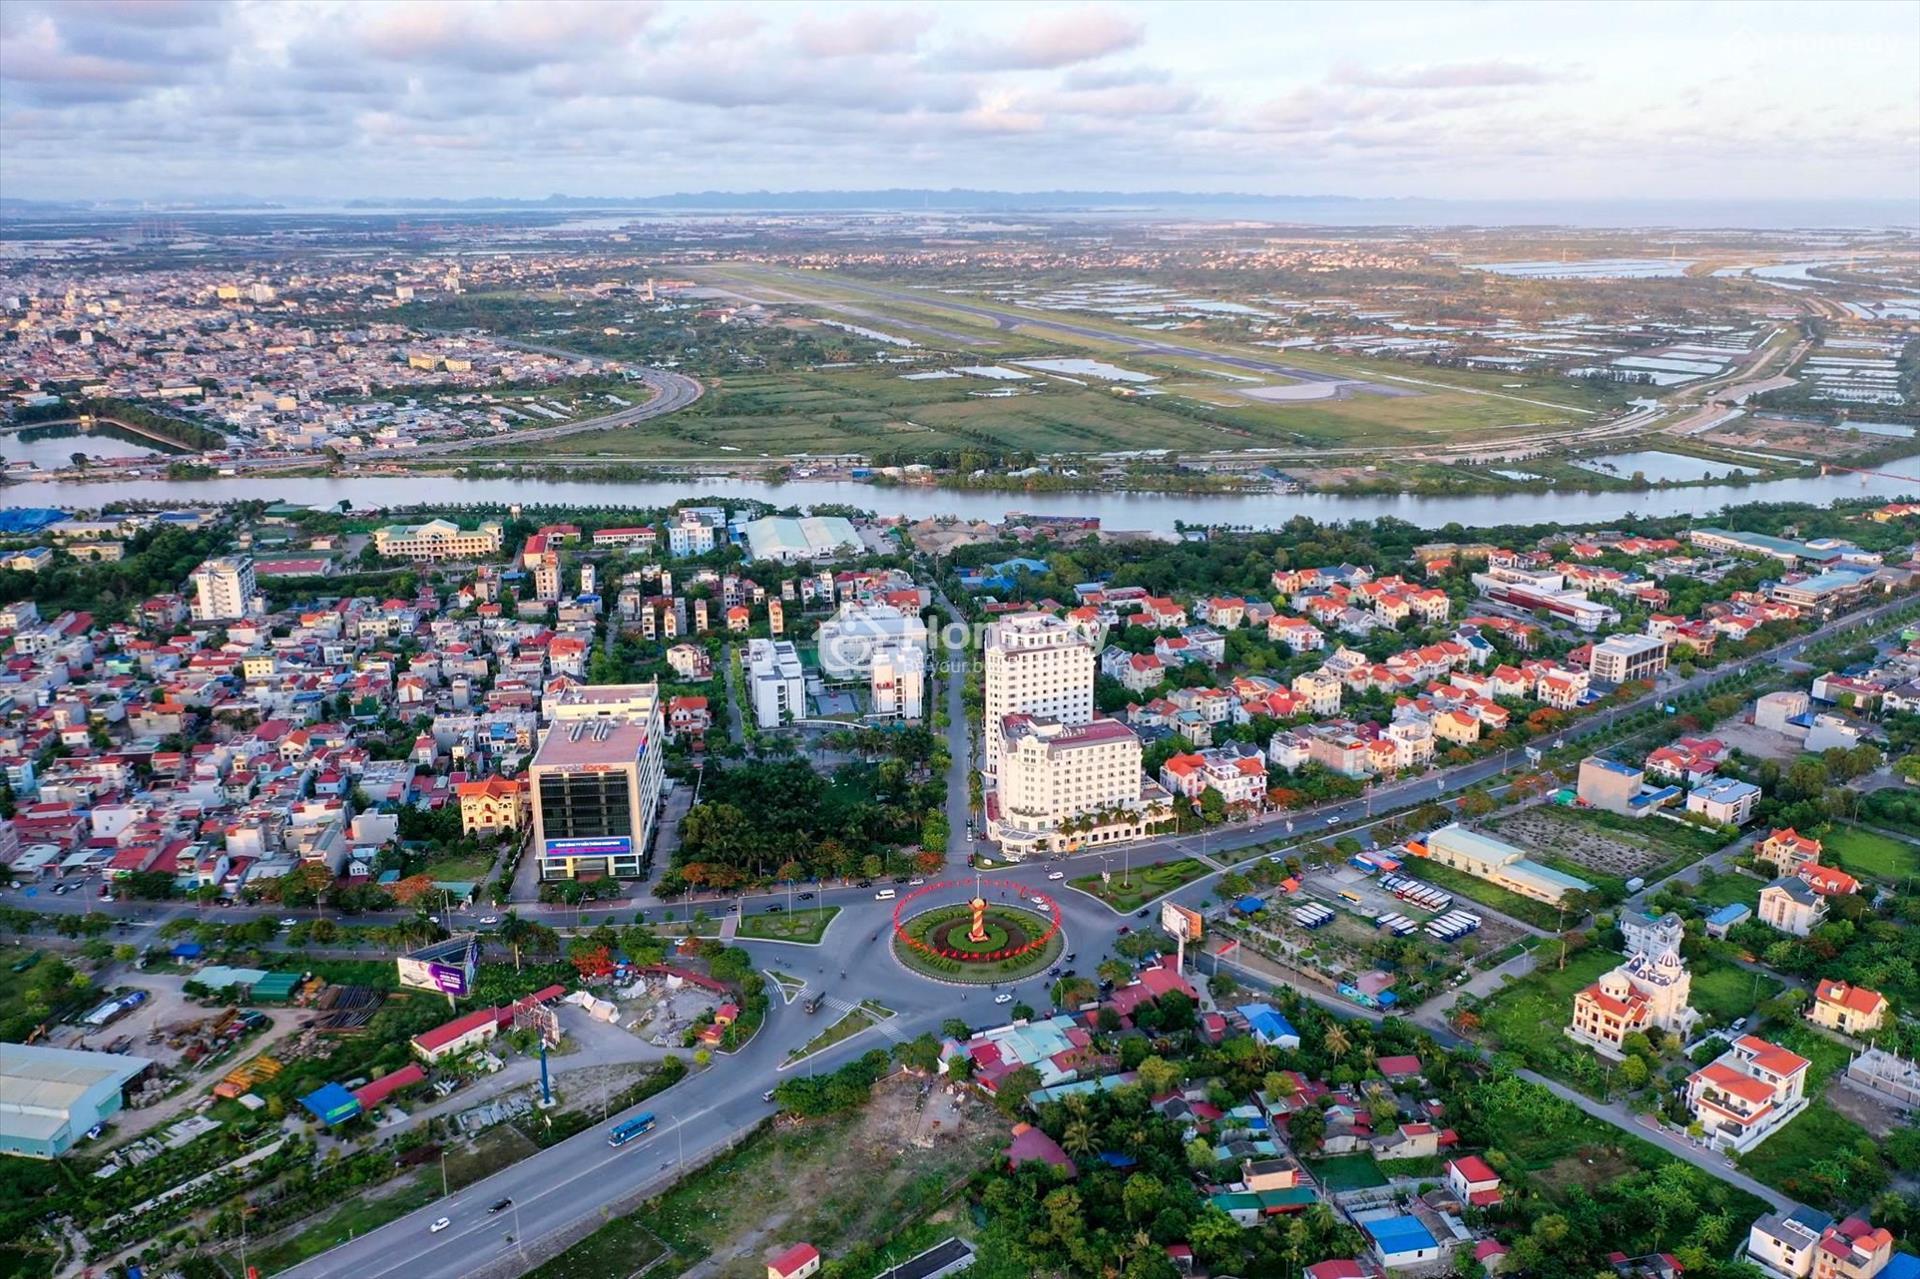 nhà đất Hải Phòng 500 - 700 triệu cho nhà đầu tư